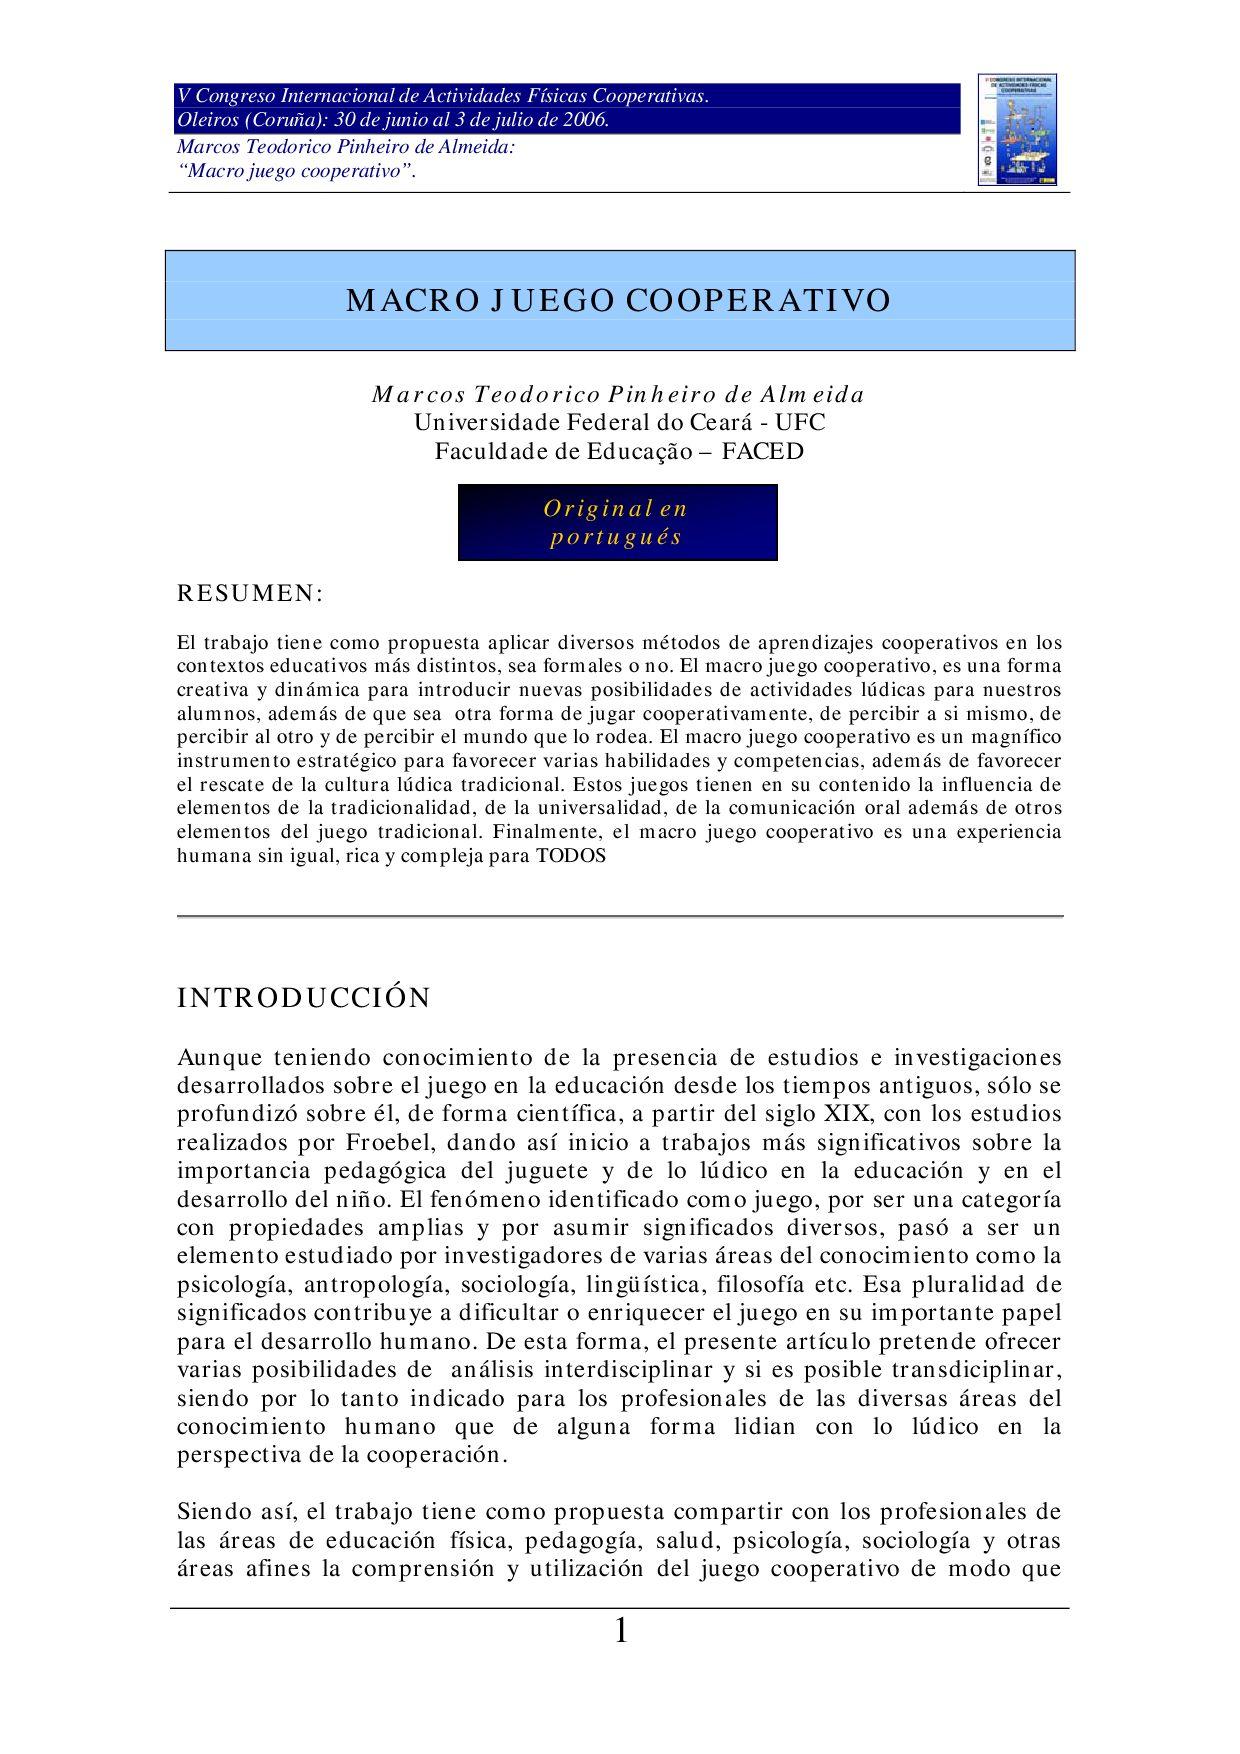 MACRO JUEGO COOPERATIVO by Marcos Teodorico Pinheiro de Almeida - issuu